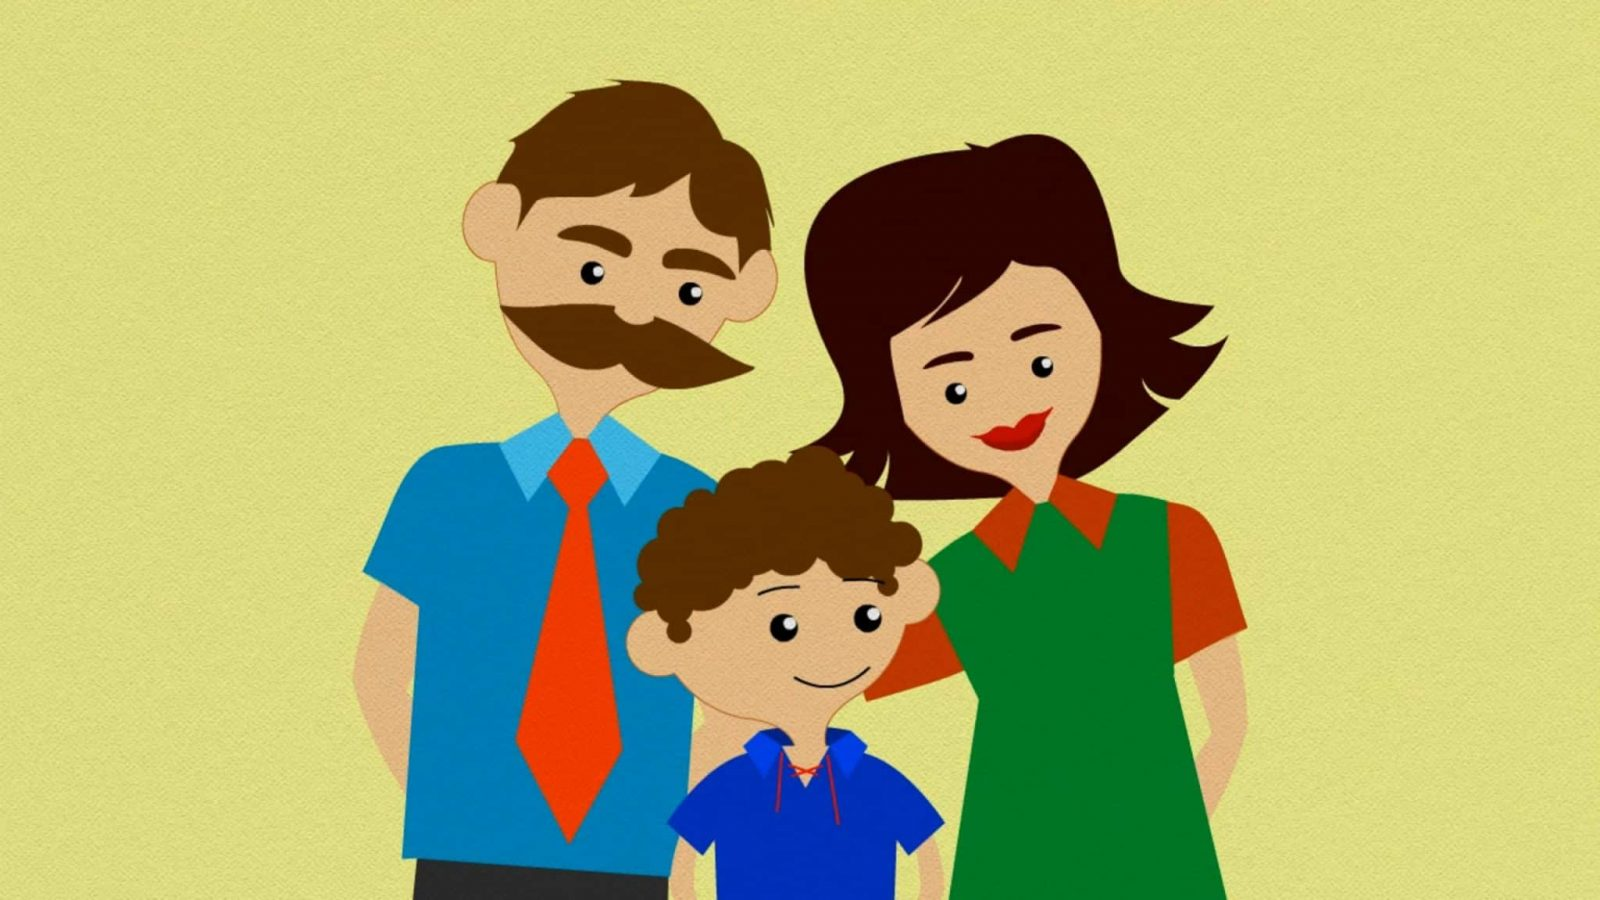 סרטון אנימציה – הנוער העובד והלומד